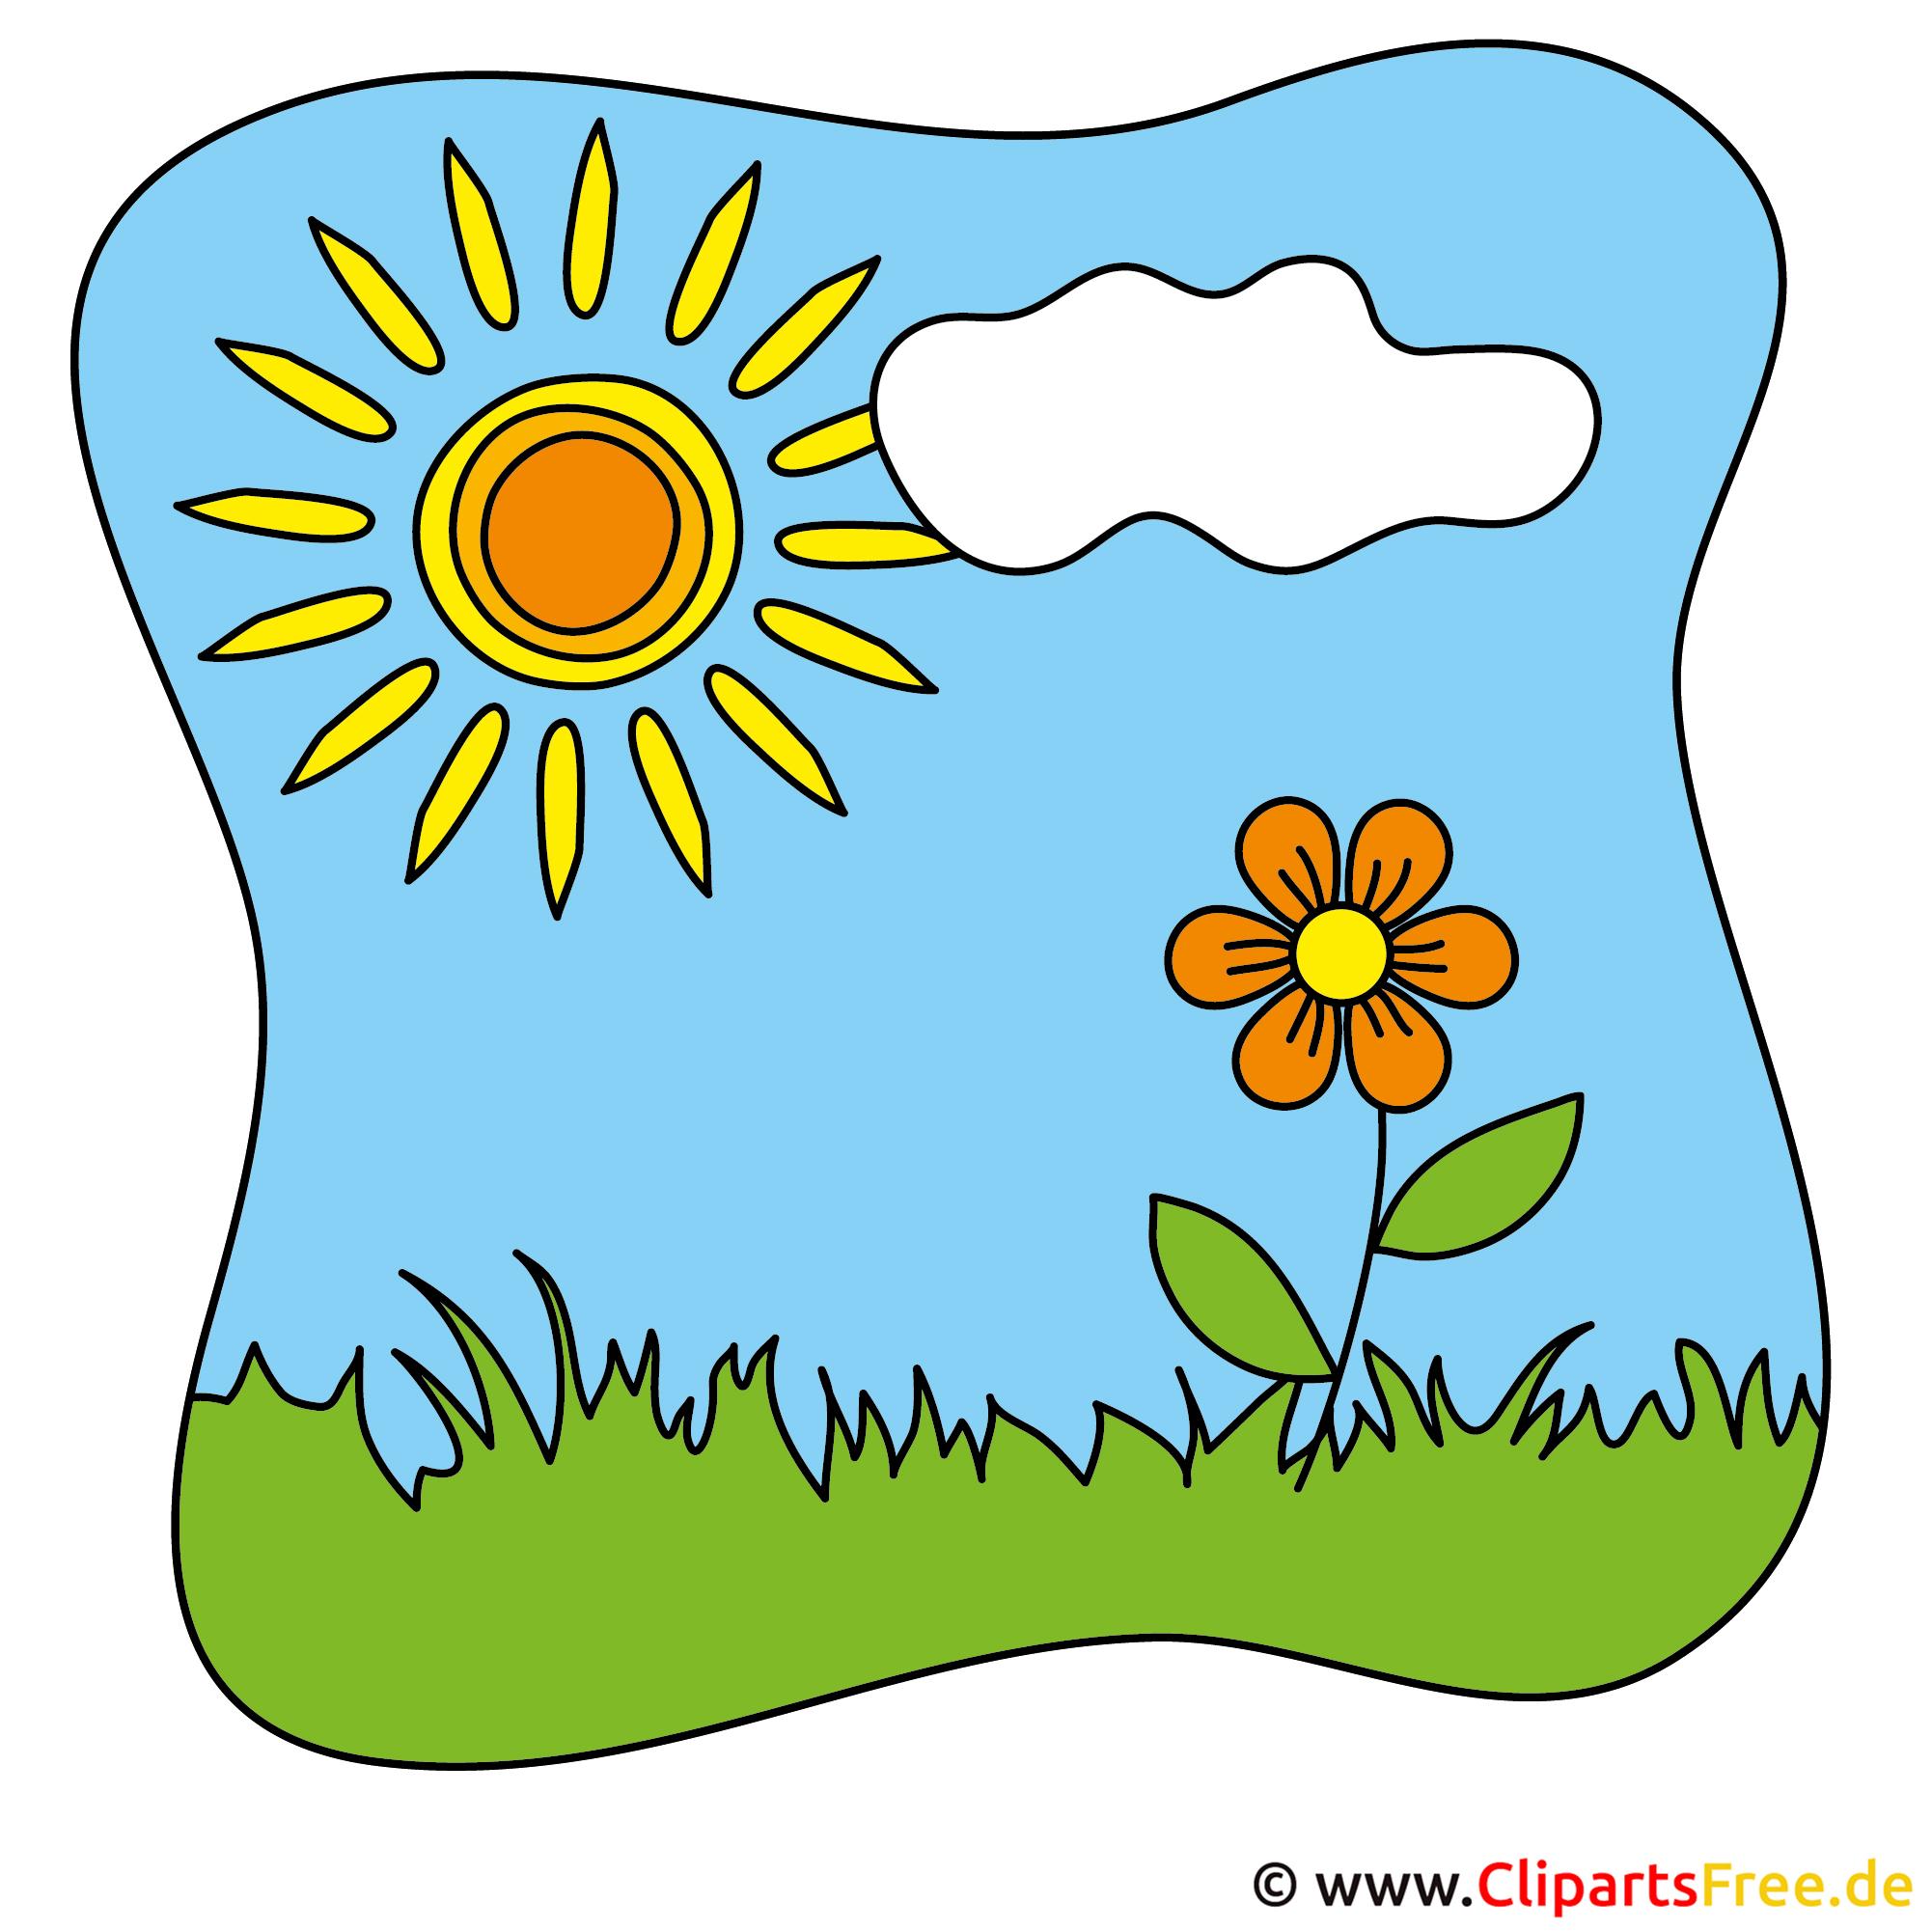 Flower Clip Art - Kostenlose Bilder zum Sommer